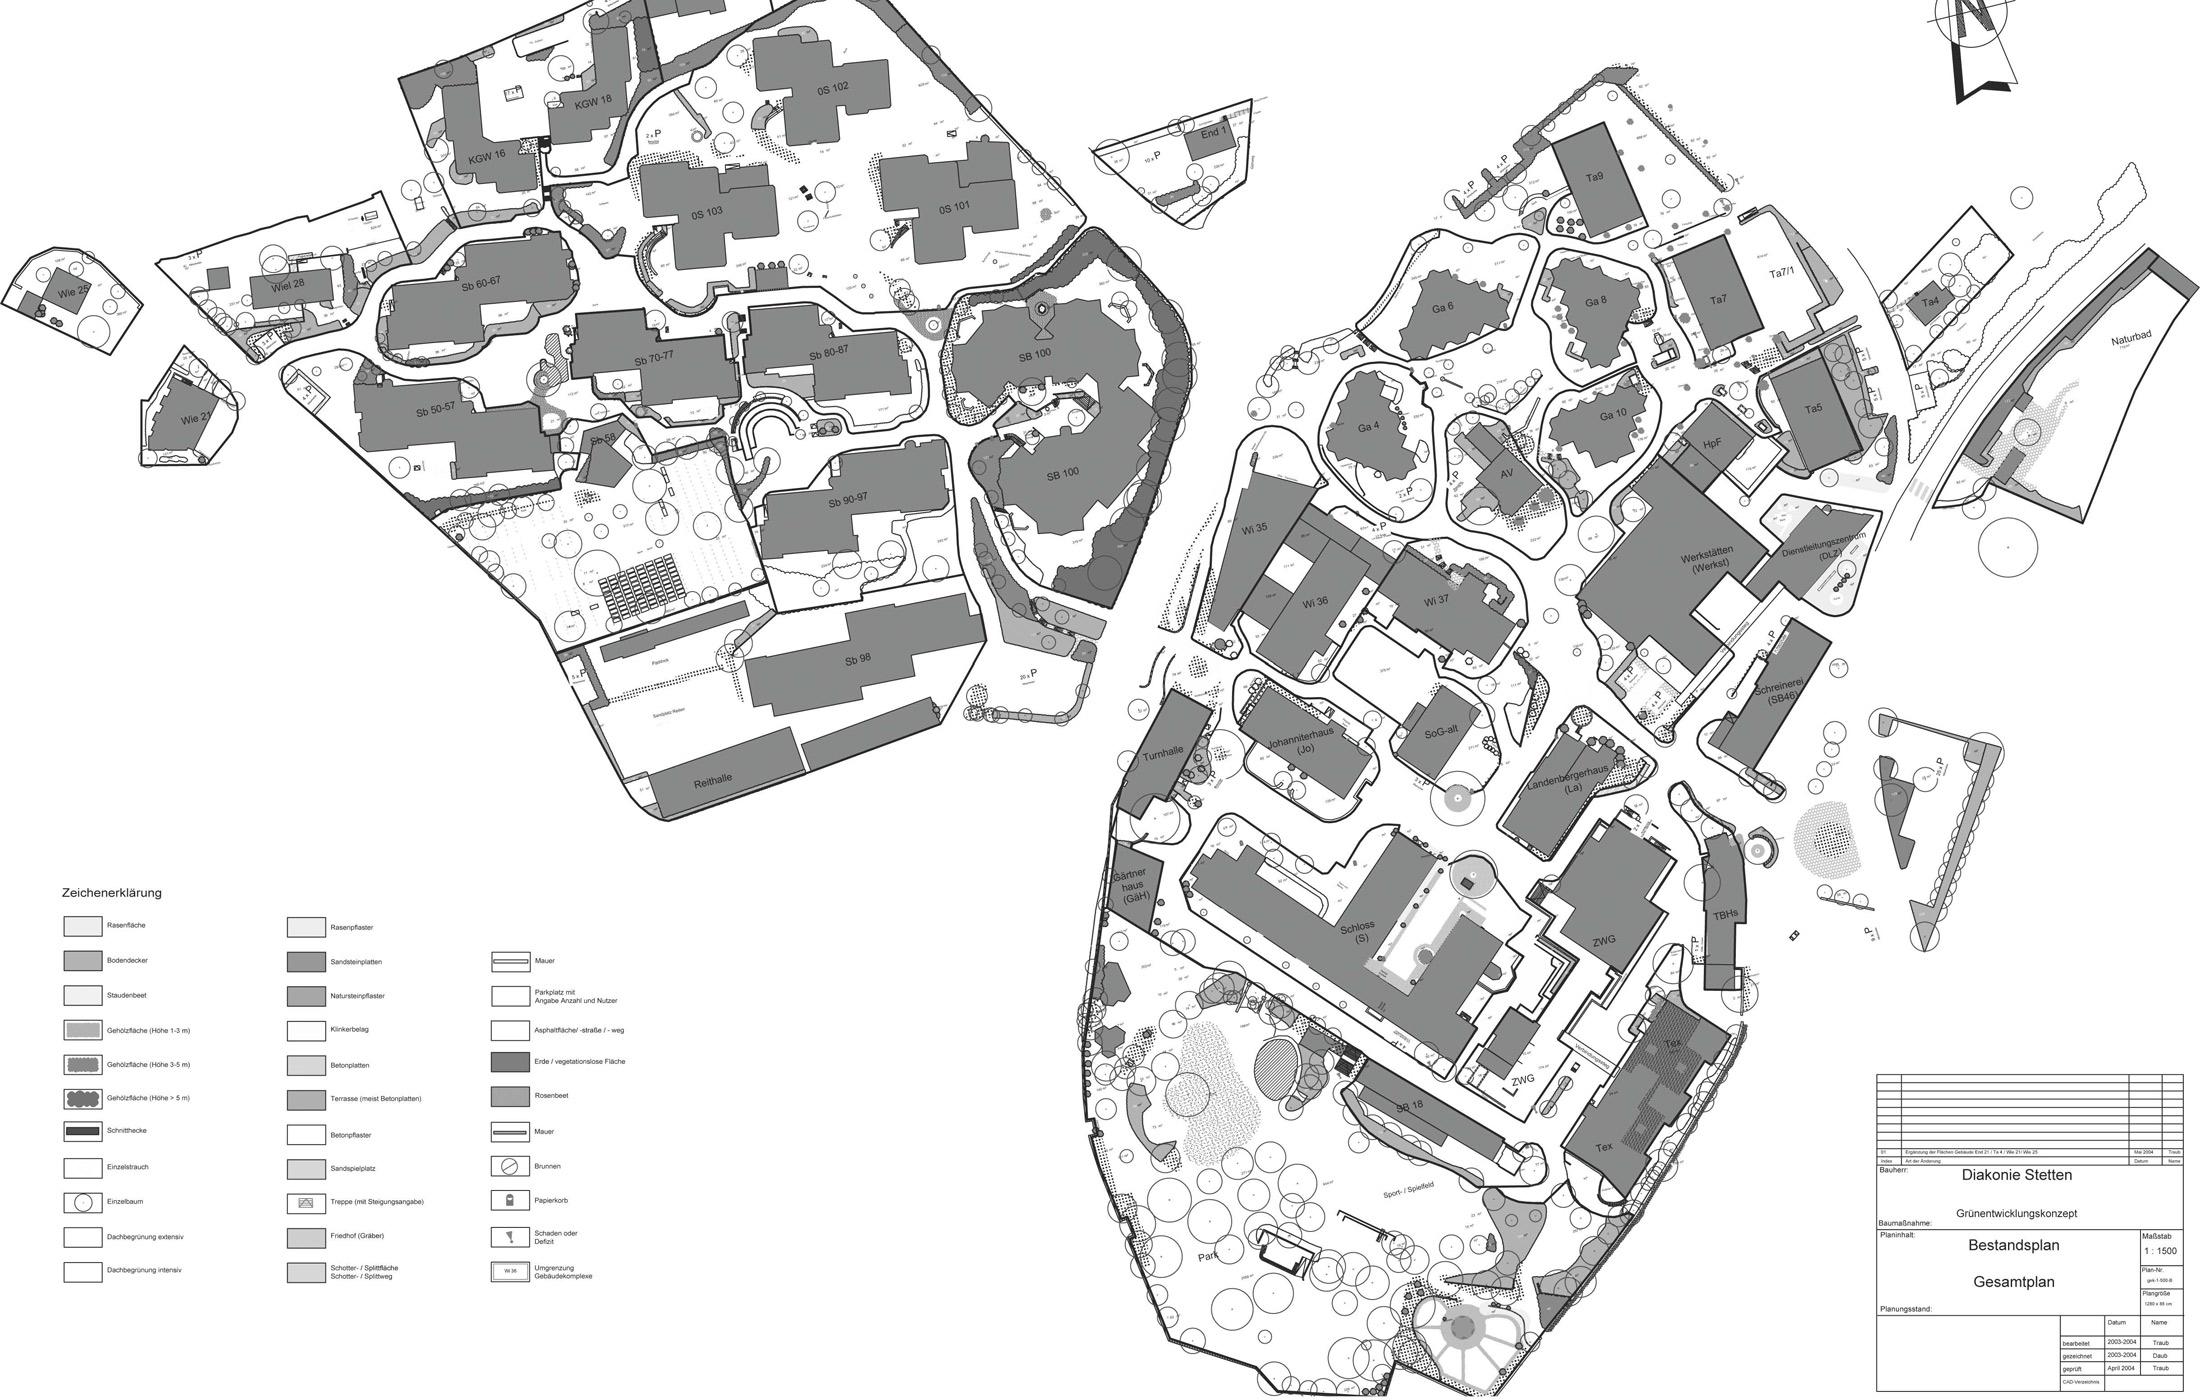 2008, Immobilienkonzept für die Diakonie Stetten e.V.